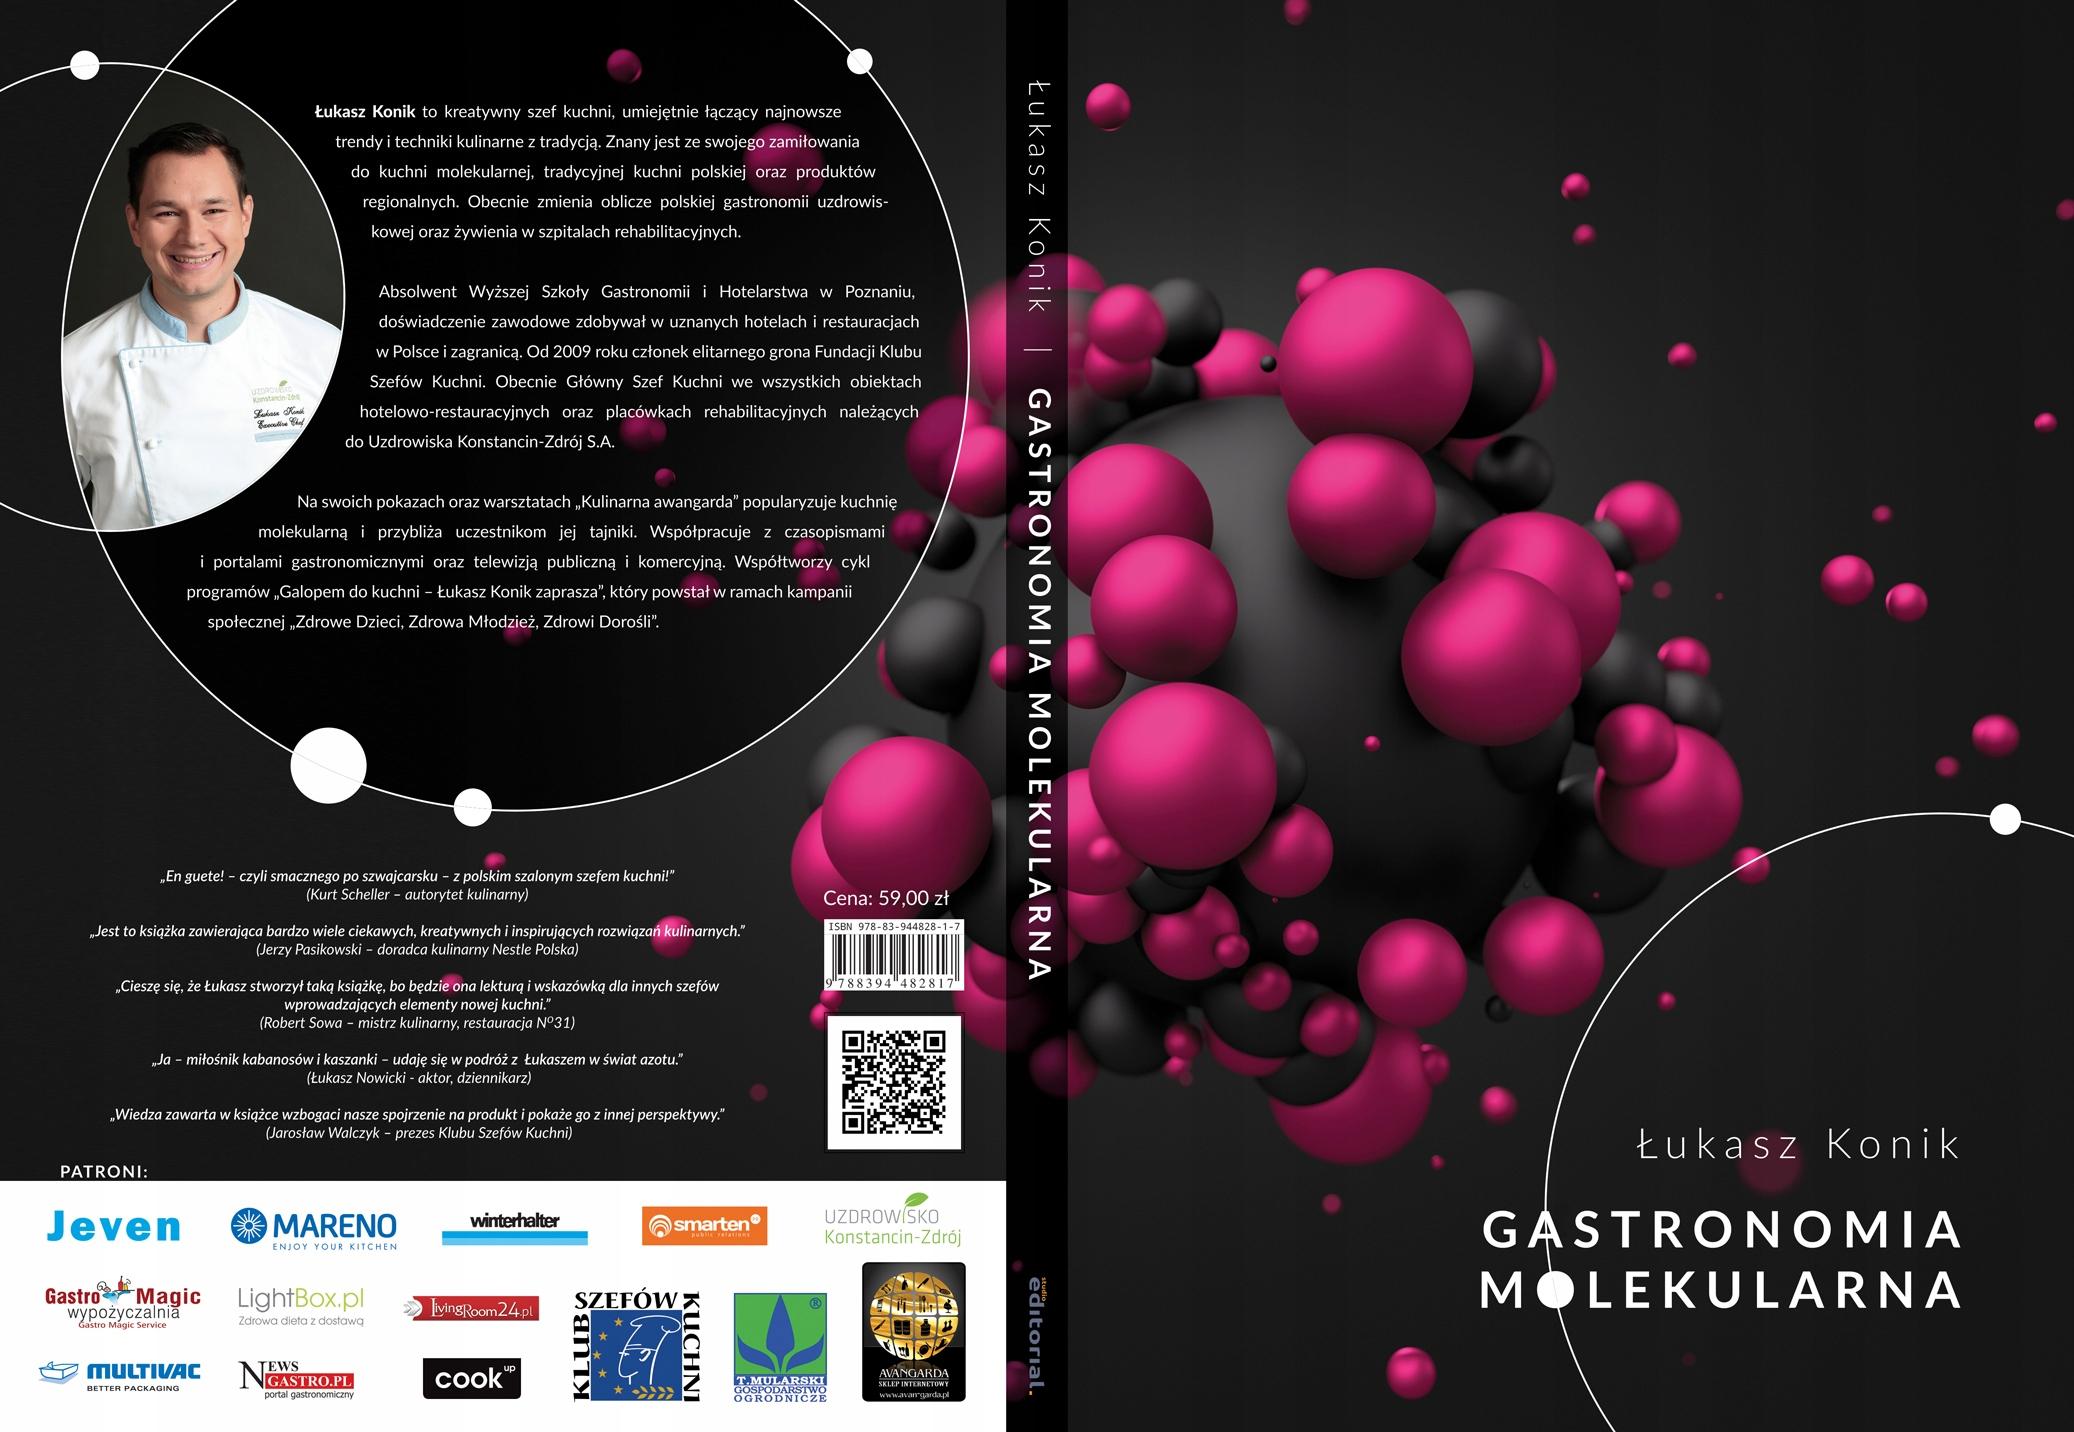 Ksiazka Gastronomia Kuchnia Molekularna 50 Zl Allegro Pl Raty 0 Darmowa Dostawa Ze Smart Gorzow Wielkopolski Stan Nowy Id Oferty 7681171159